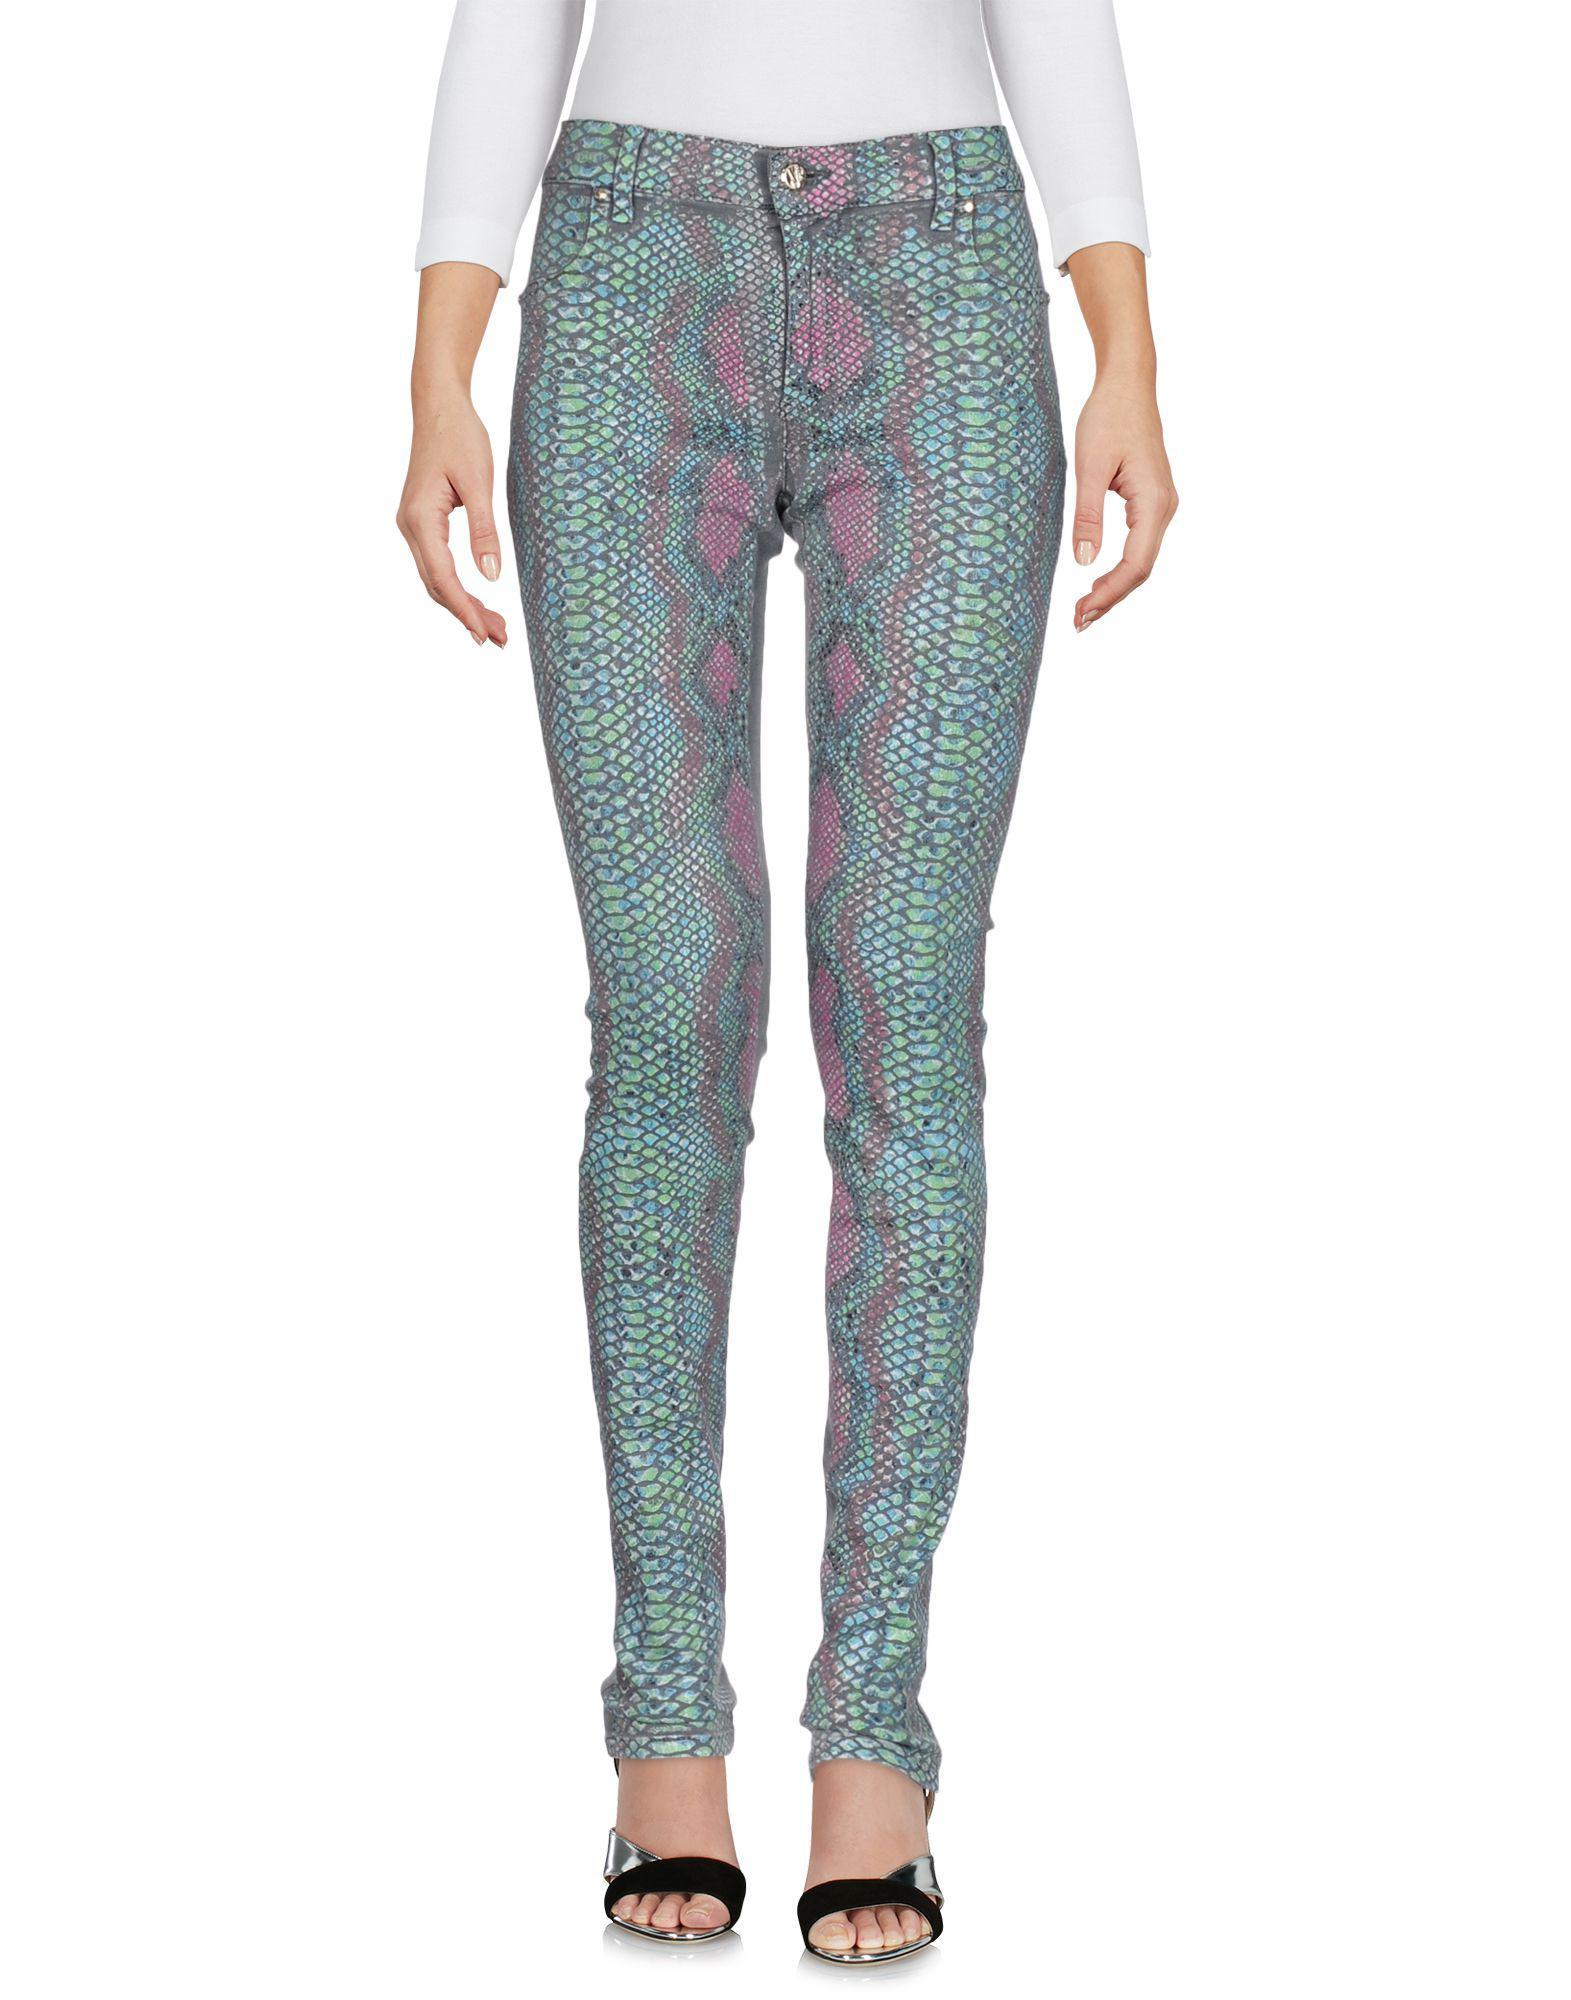 Lyst - Pantalon en jean Versace Jeans en coloris Gris 3fdb4f4faa40